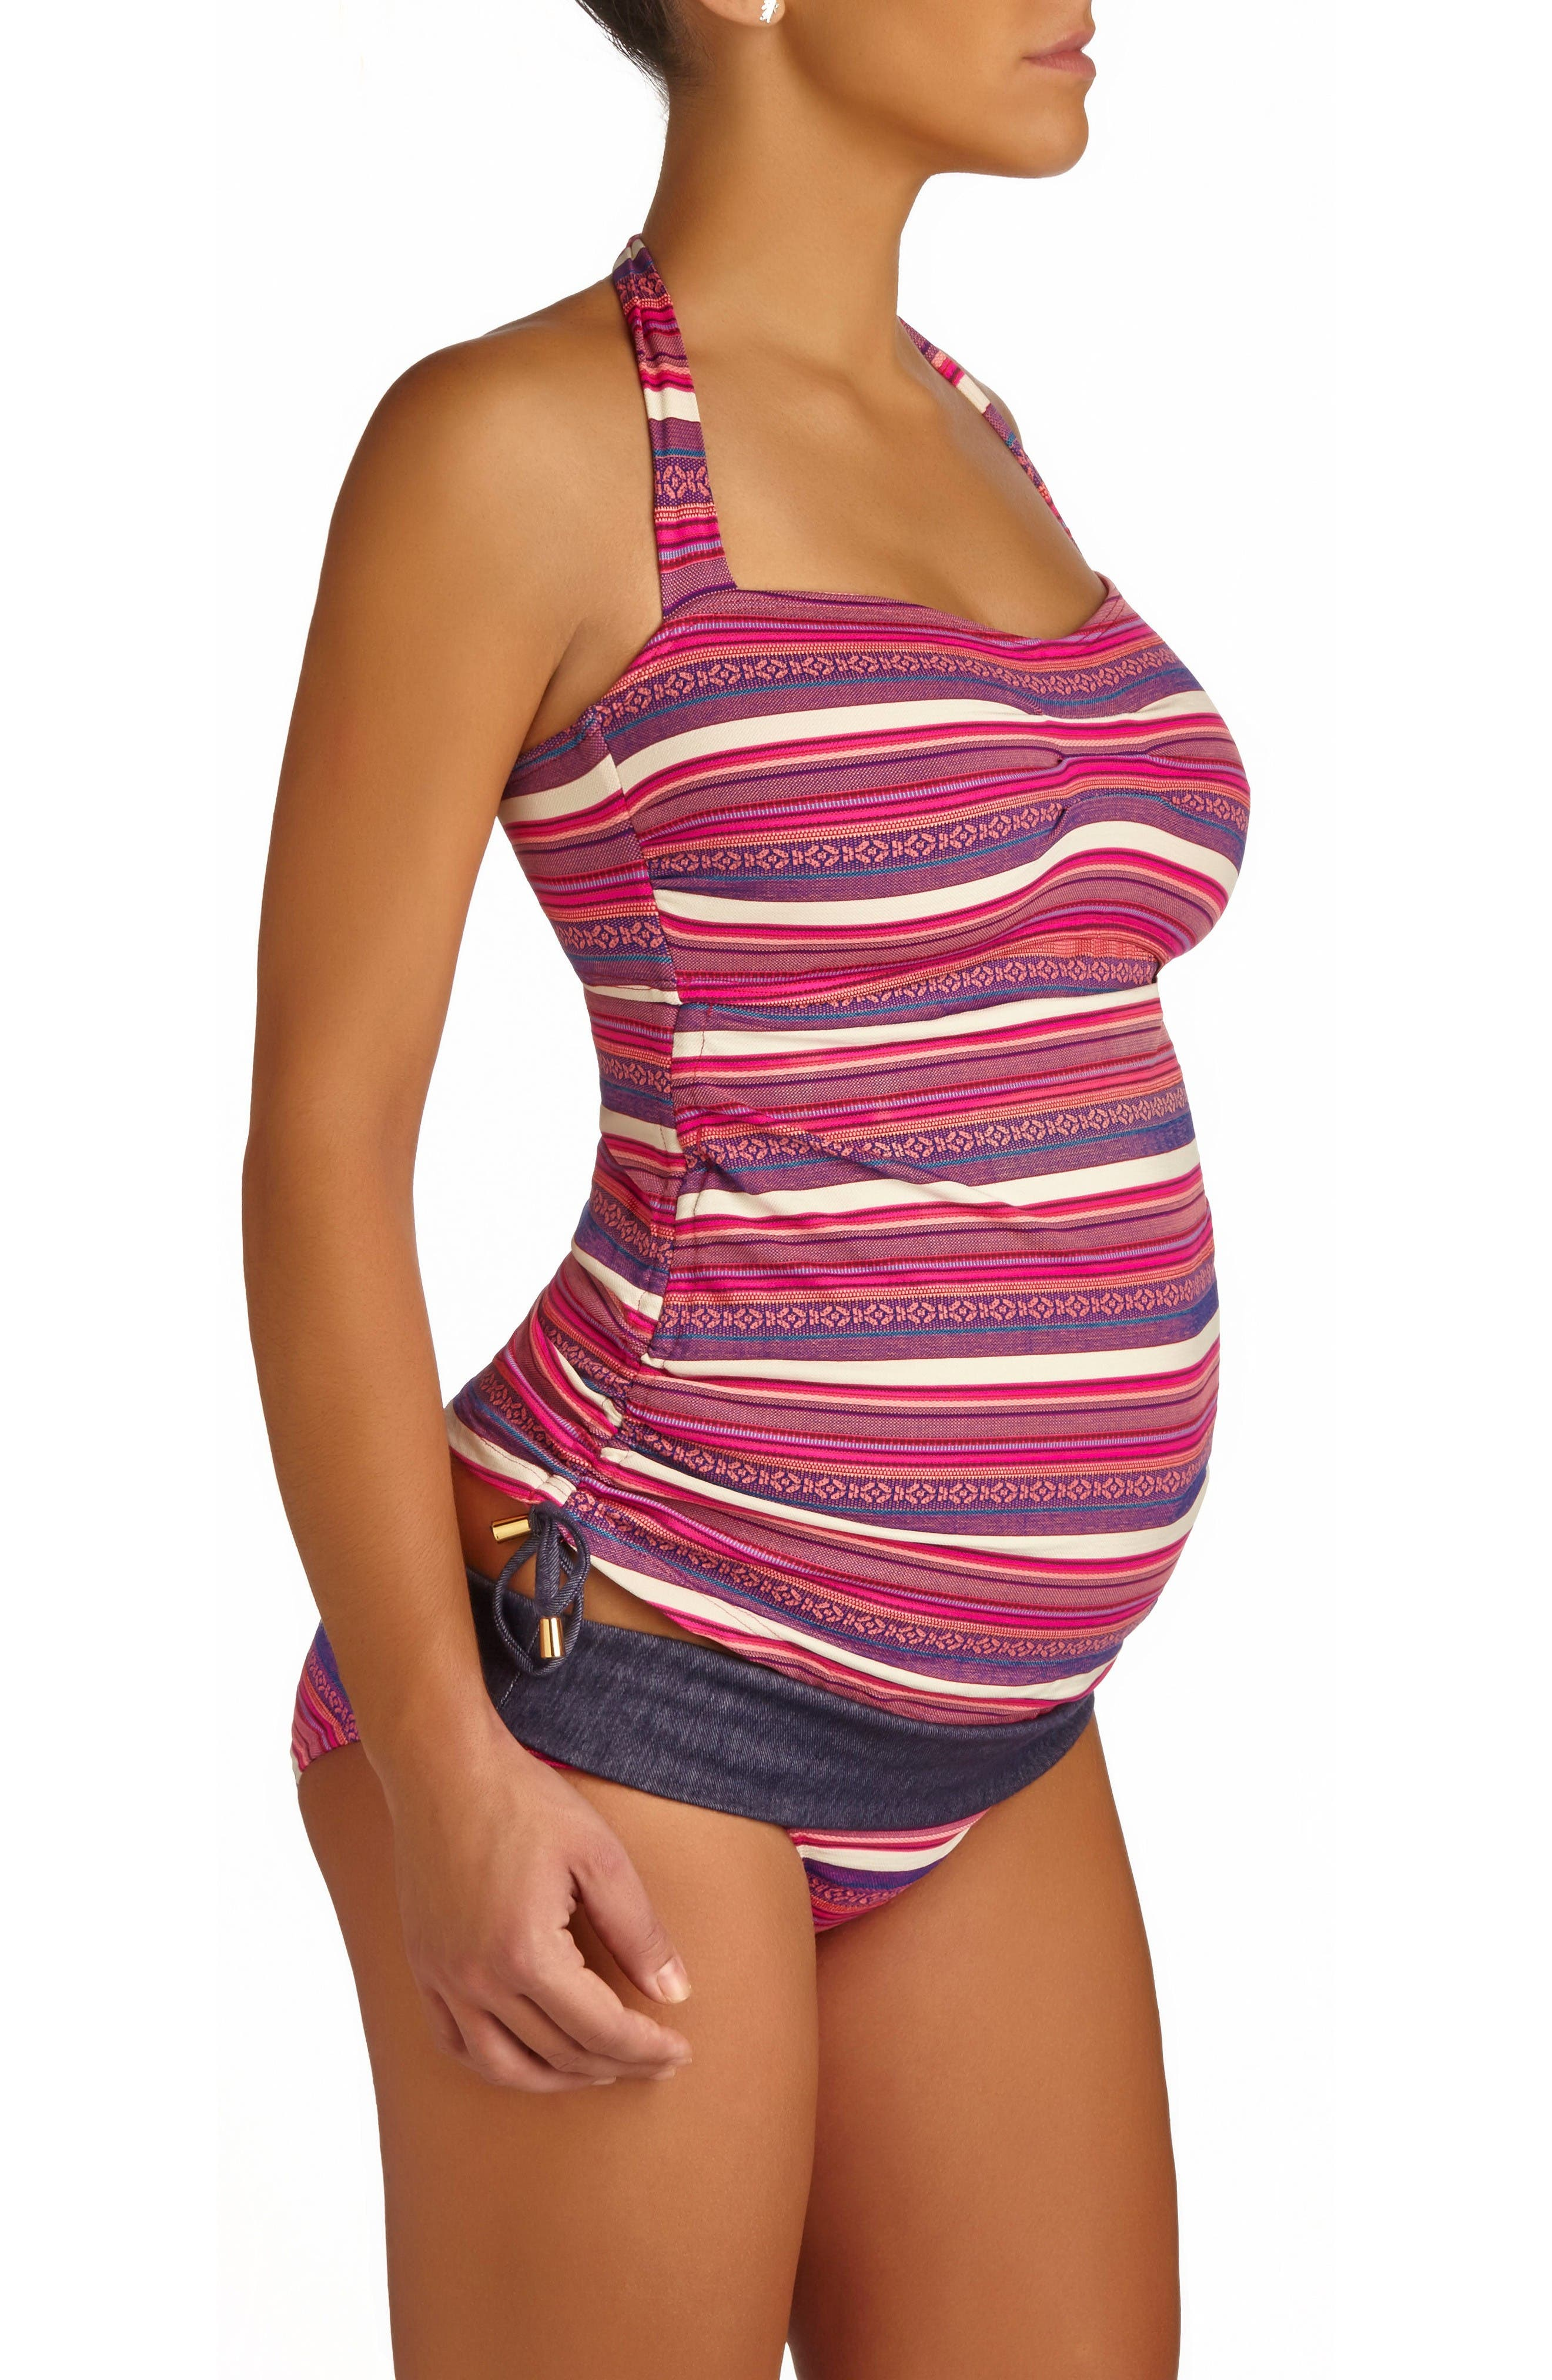 Oaxaca Jacquard Tankini Maternity Swimsuit,                         Main,                         color, Fuchsia